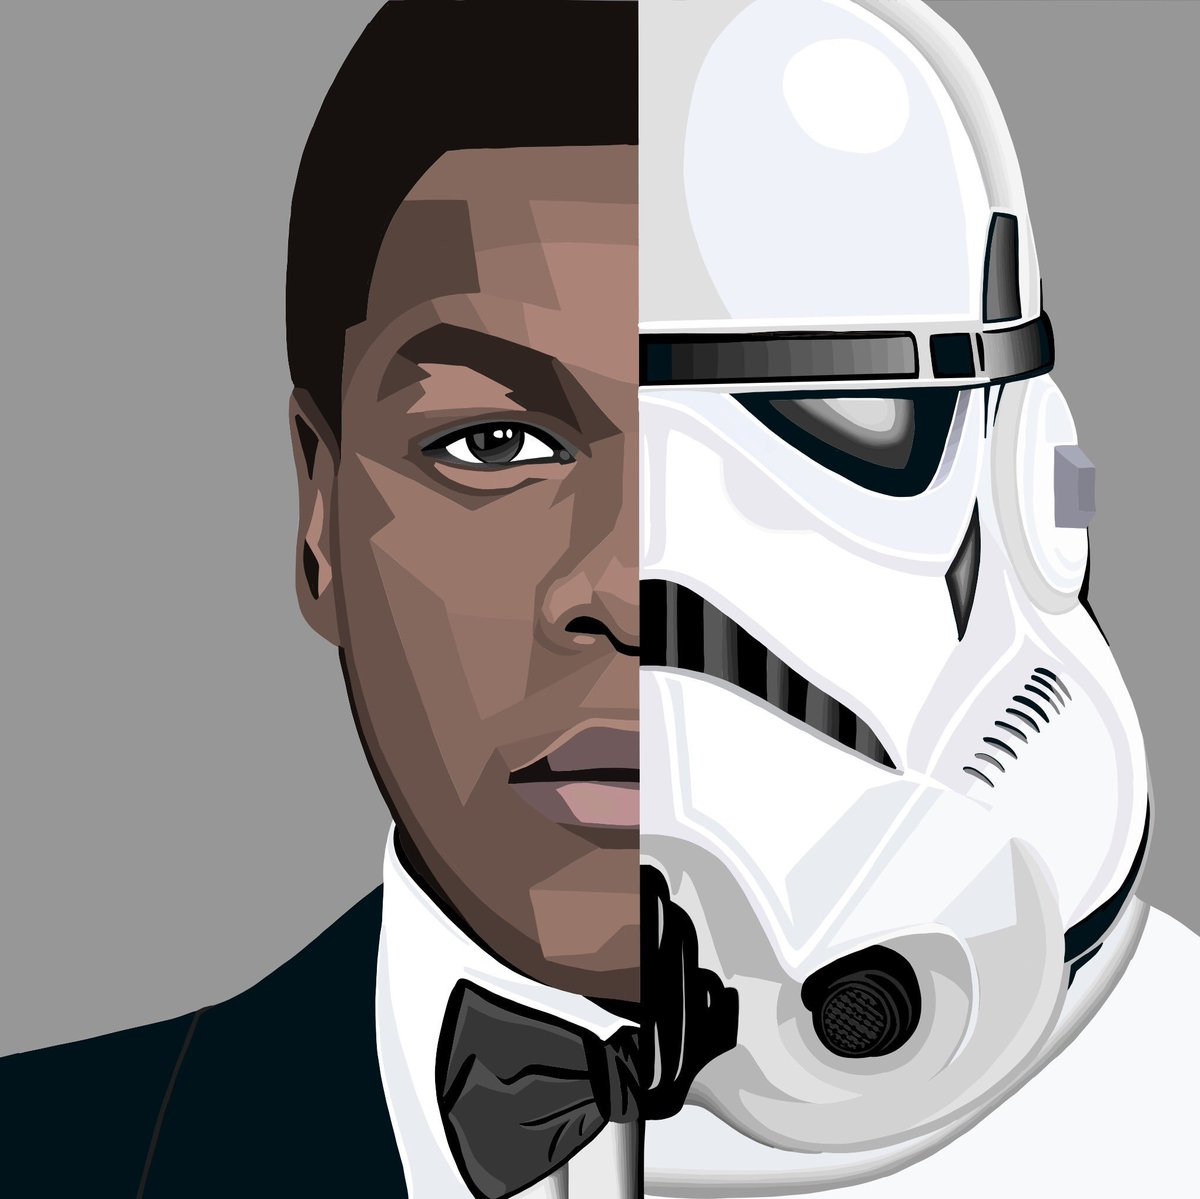 @JohnBoyega vs FN-2187  #johnboyega #finn #stormtrooper #StarWars #starwarsart #wallart #art #vector #london #create<br>http://pic.twitter.com/wni4e7uBNd